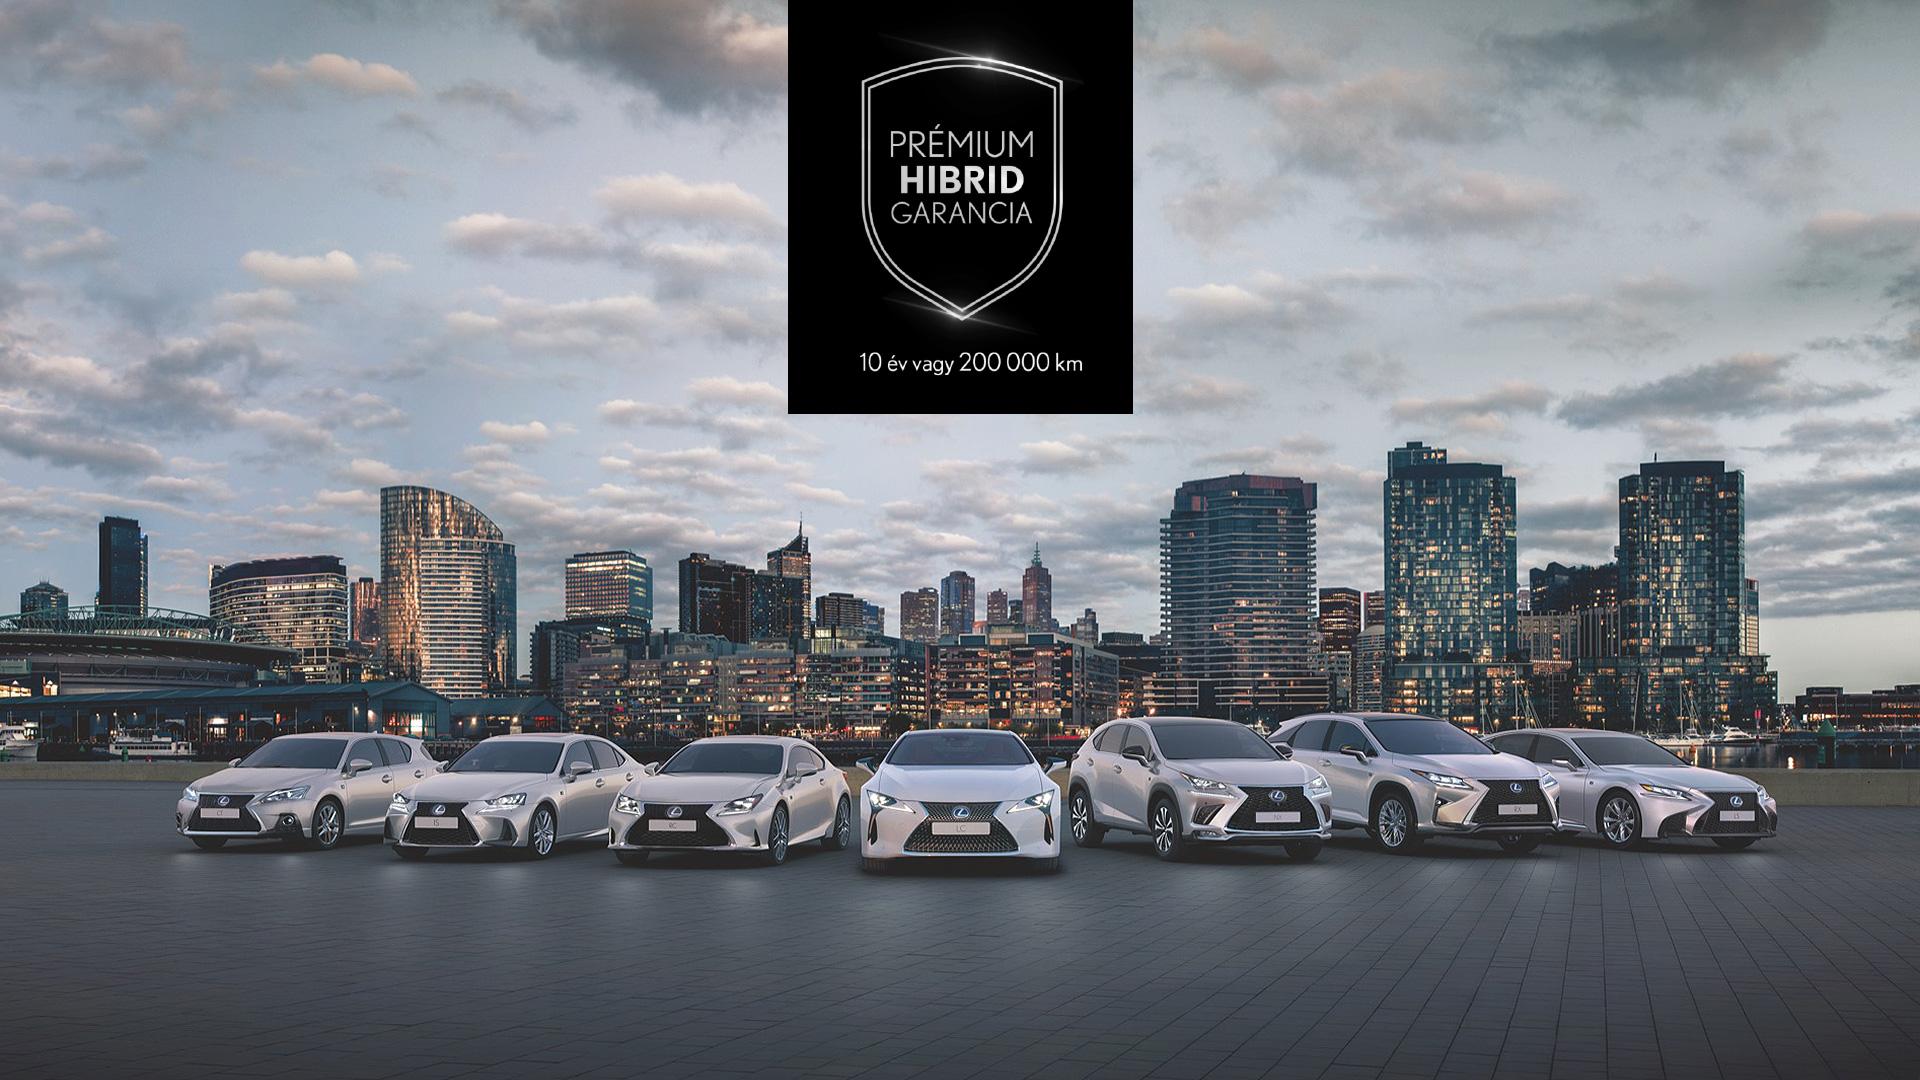 Premium Hybrid Image